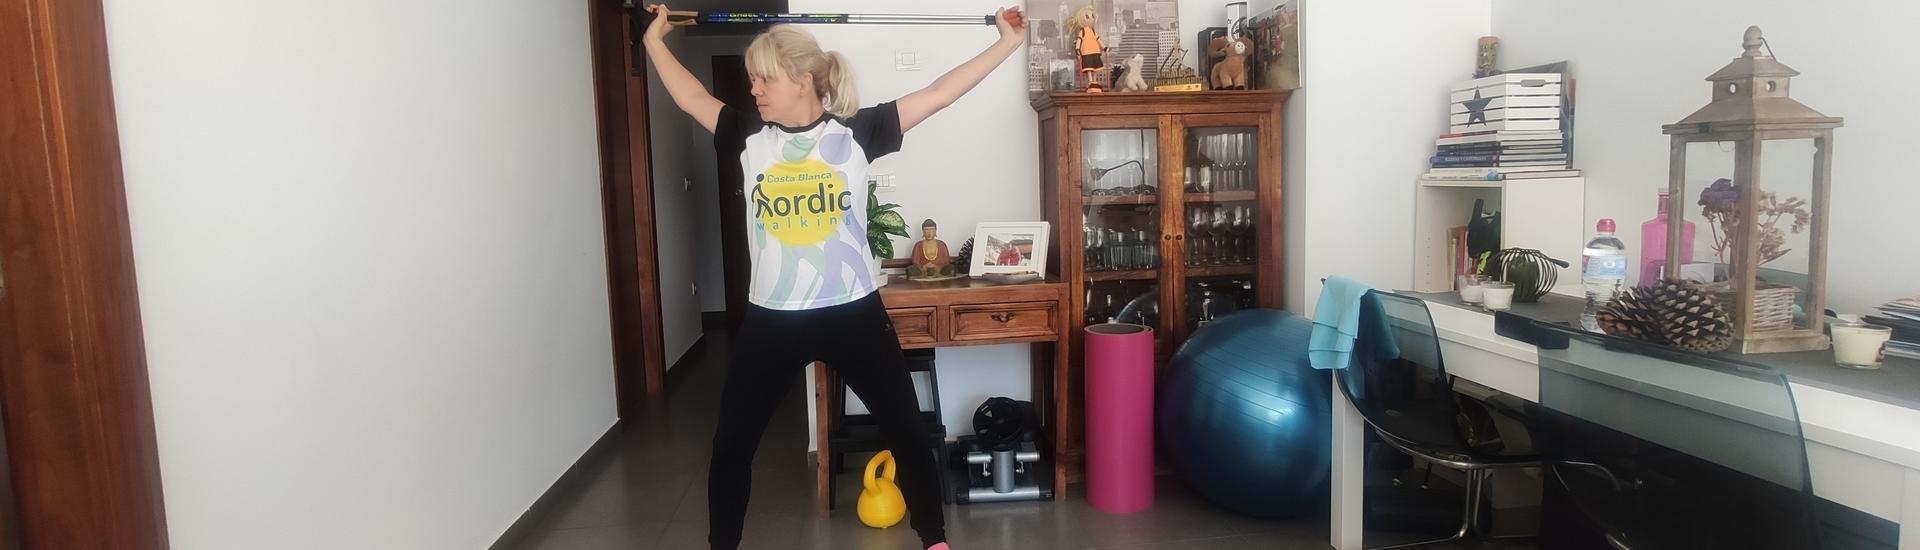 Hoy 6 de abril es el día mundial de la actividad física, nuestro granito de arena con la Marcha Nórdica